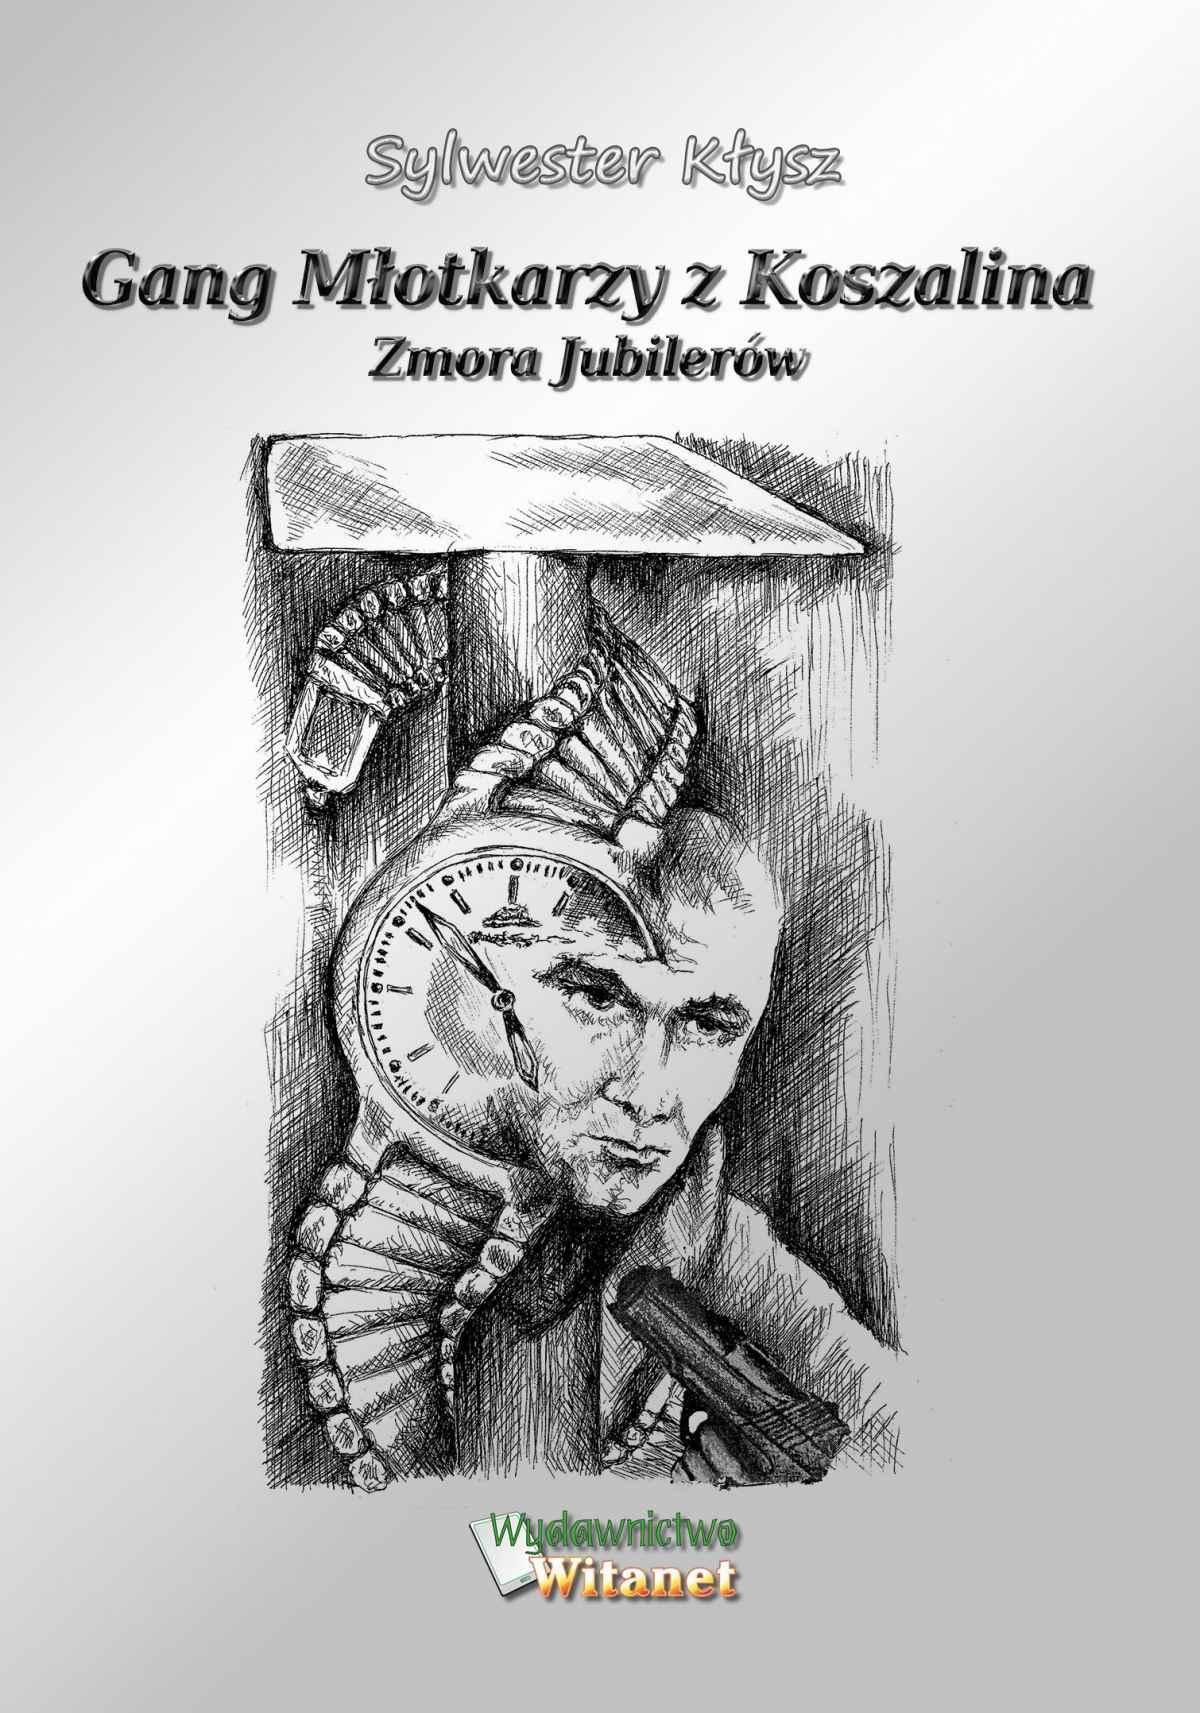 Gang Młotkarzy z Koszalina. Zmora Jubilerów - Ebook (Książka EPUB) do pobrania w formacie EPUB